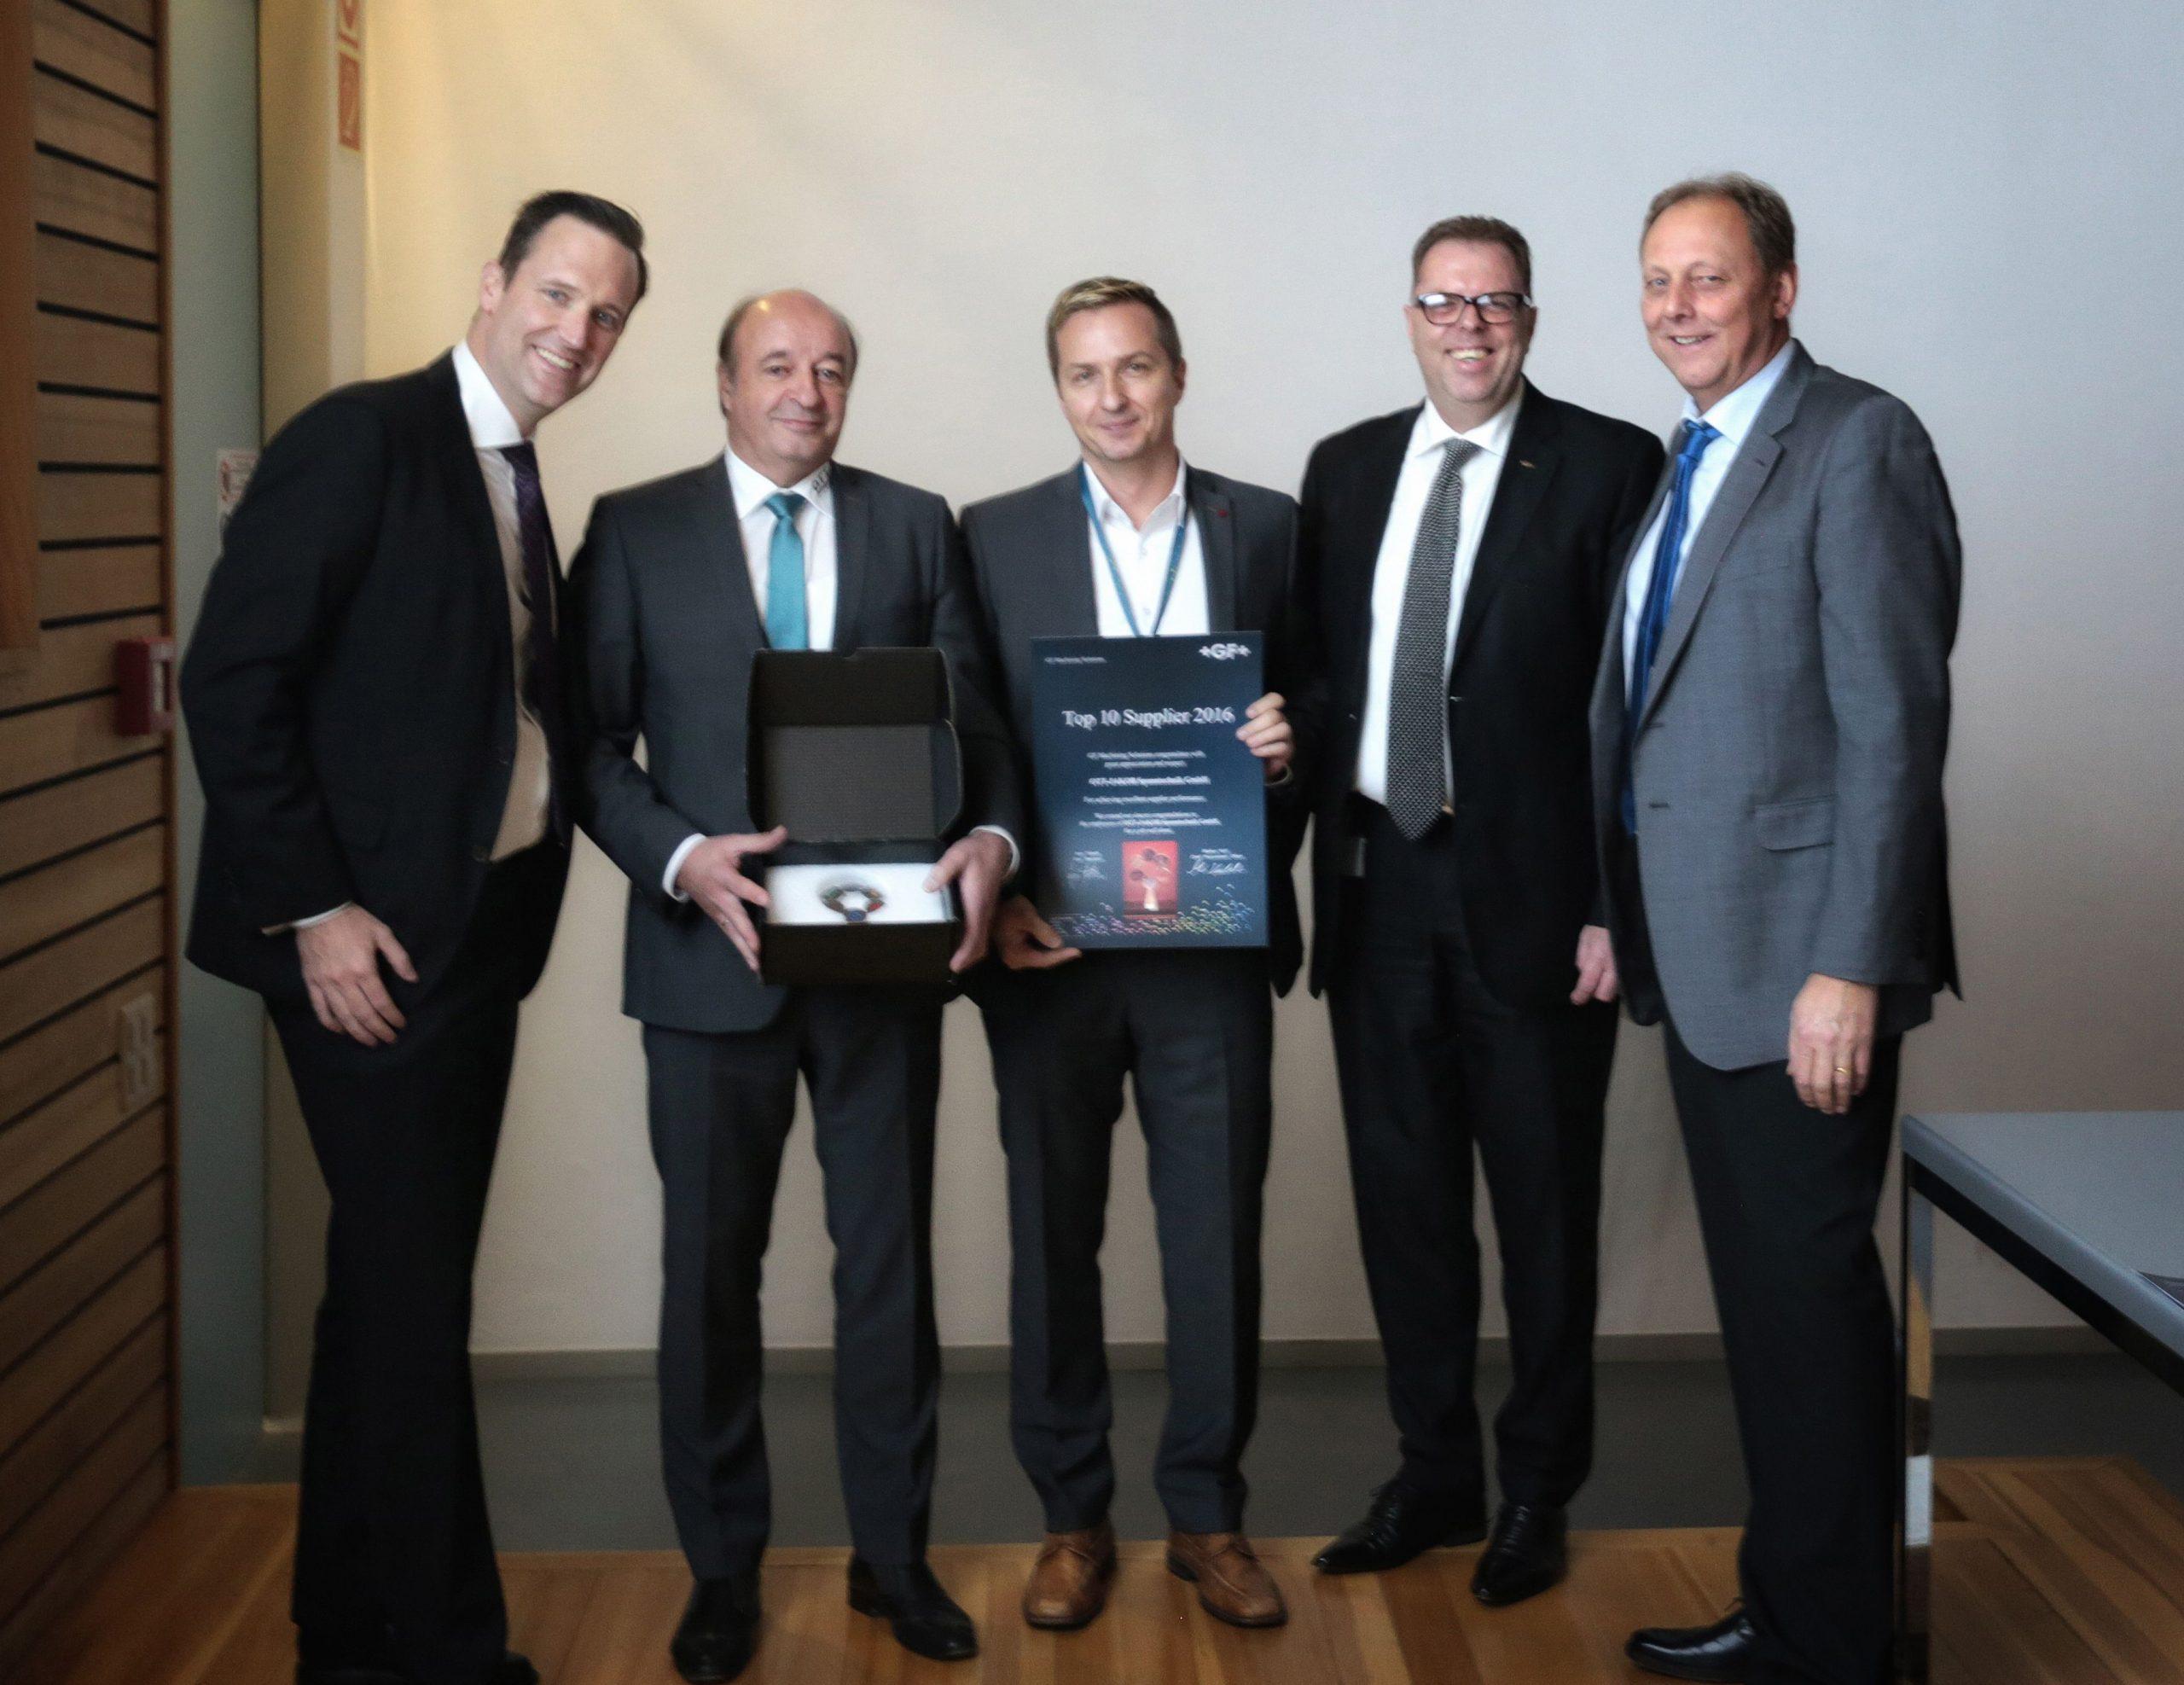 OTT-JAKOB - Unternehmen - Bild - Lieferanten-Auszeichnung für OTT-JAKOB